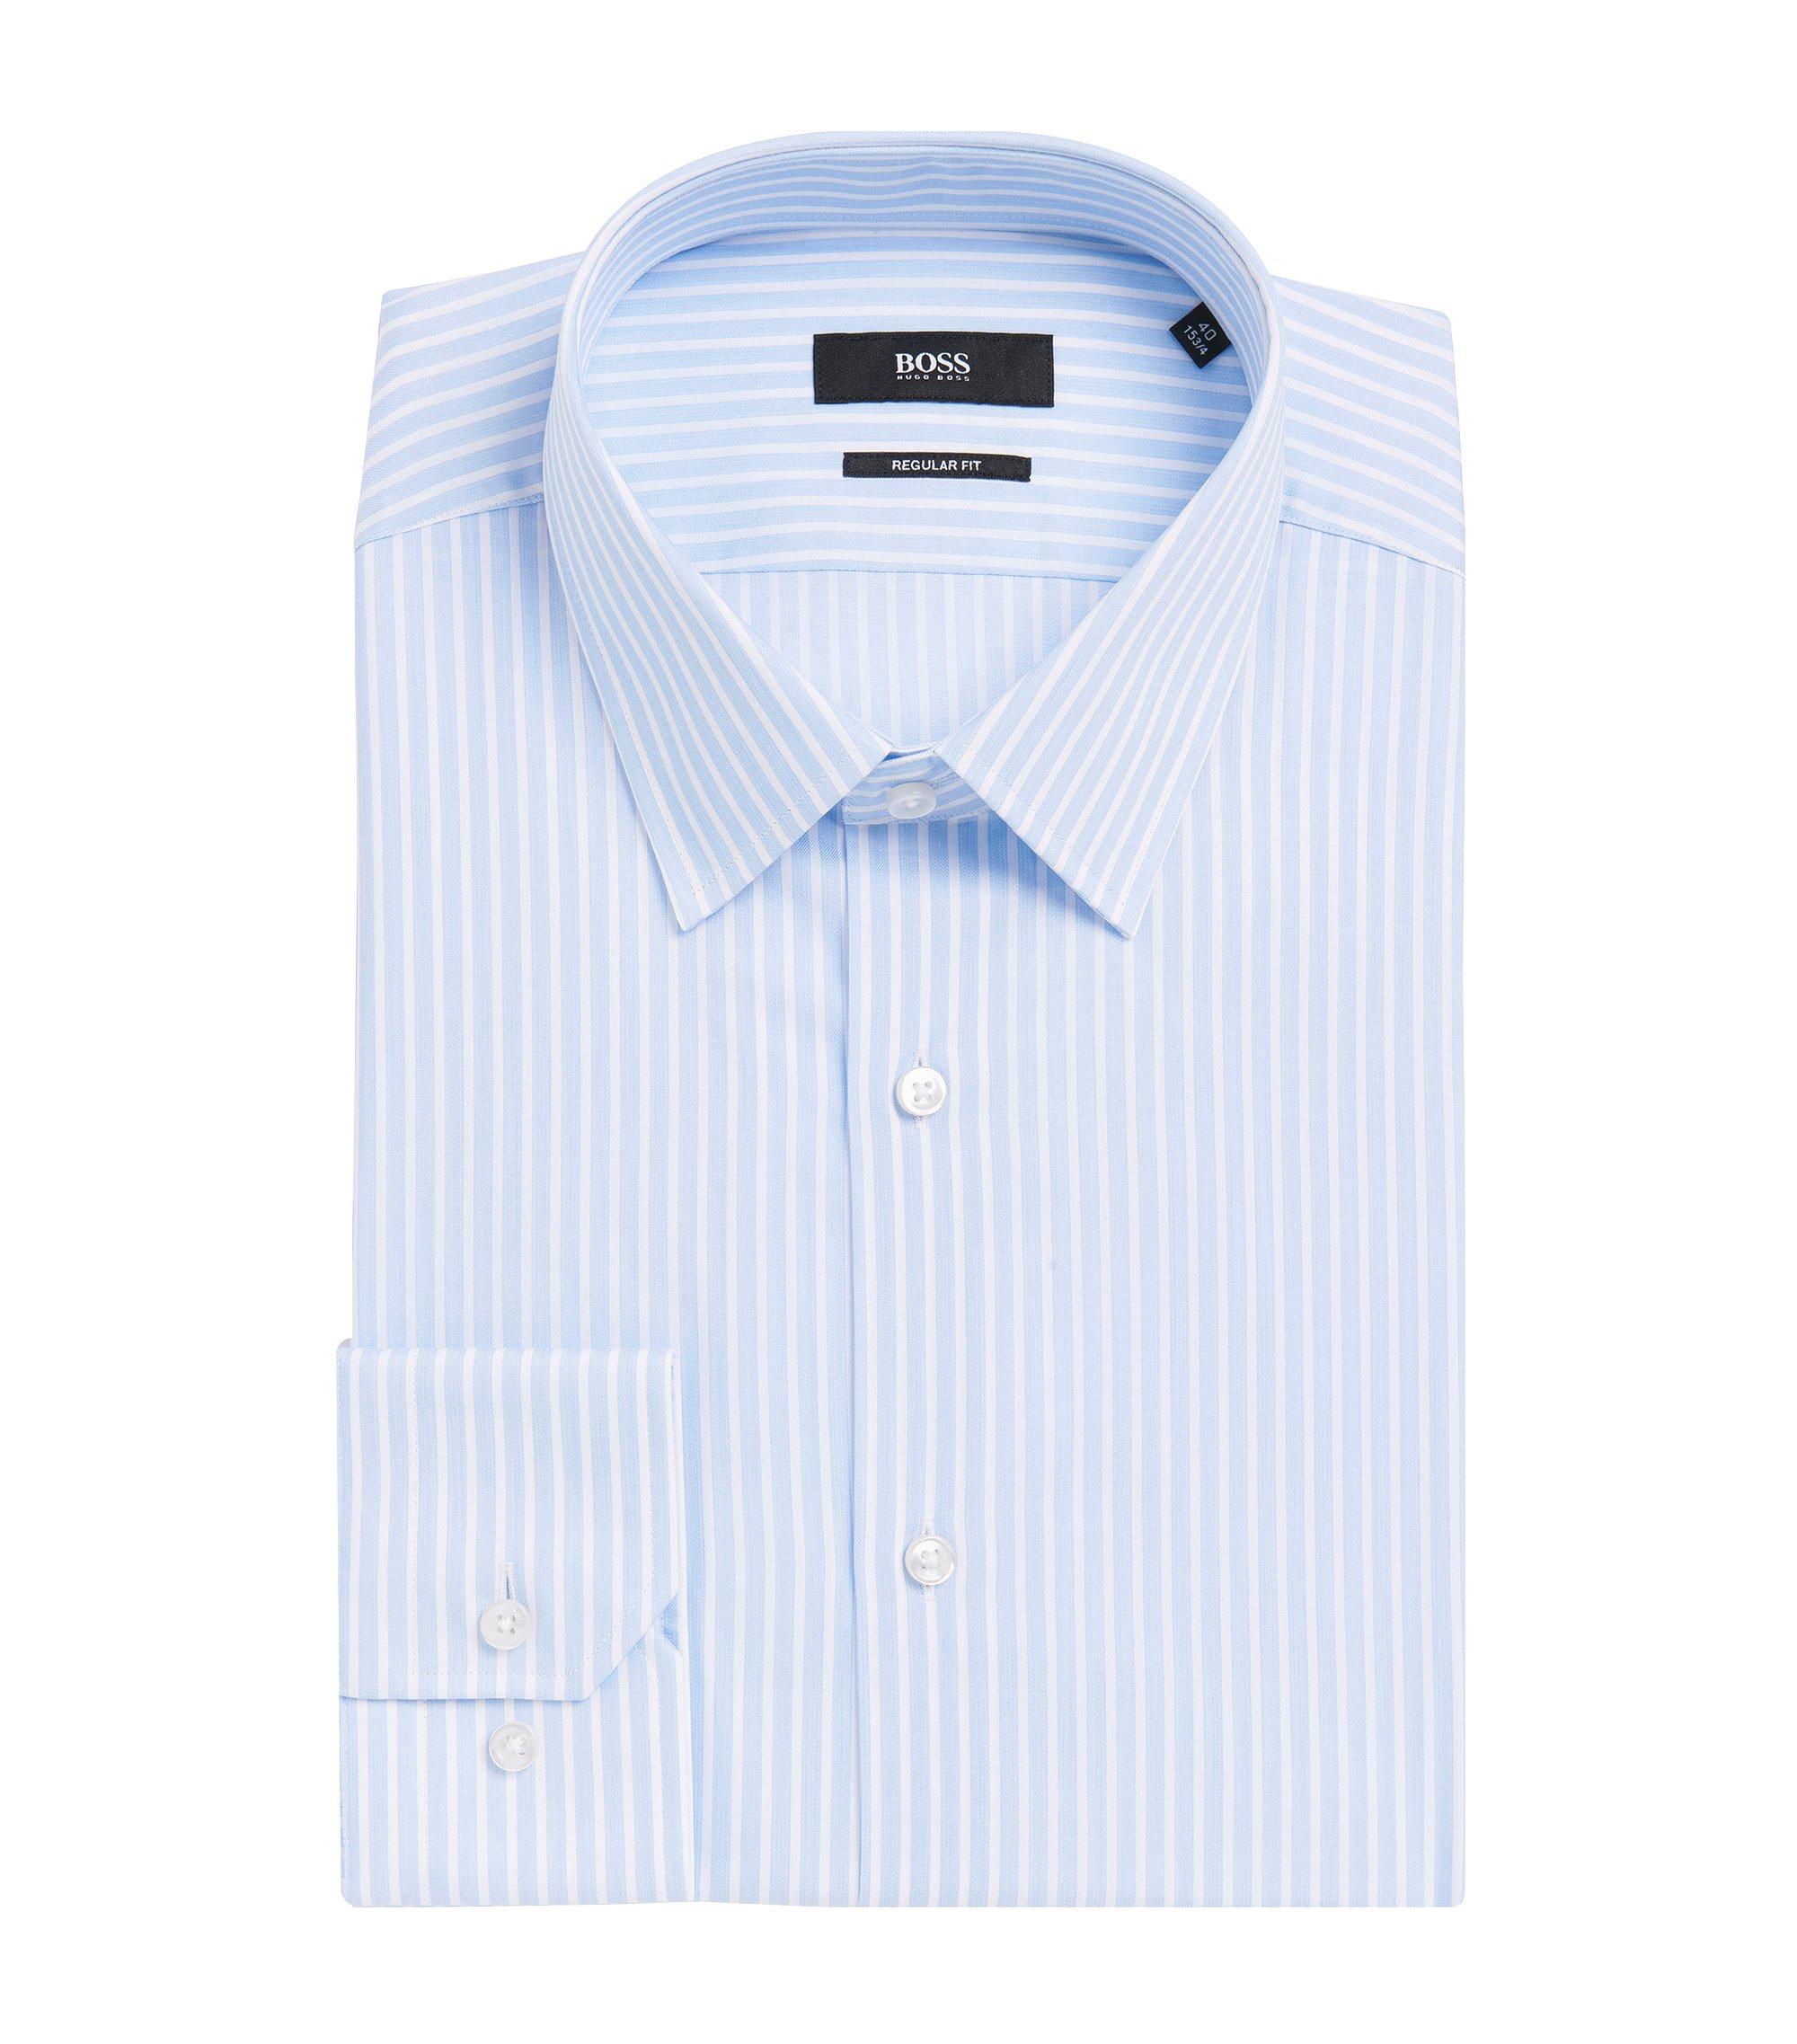 Striped Cotton Dress Shirt, Regular Fit | Enzo, Light Blue